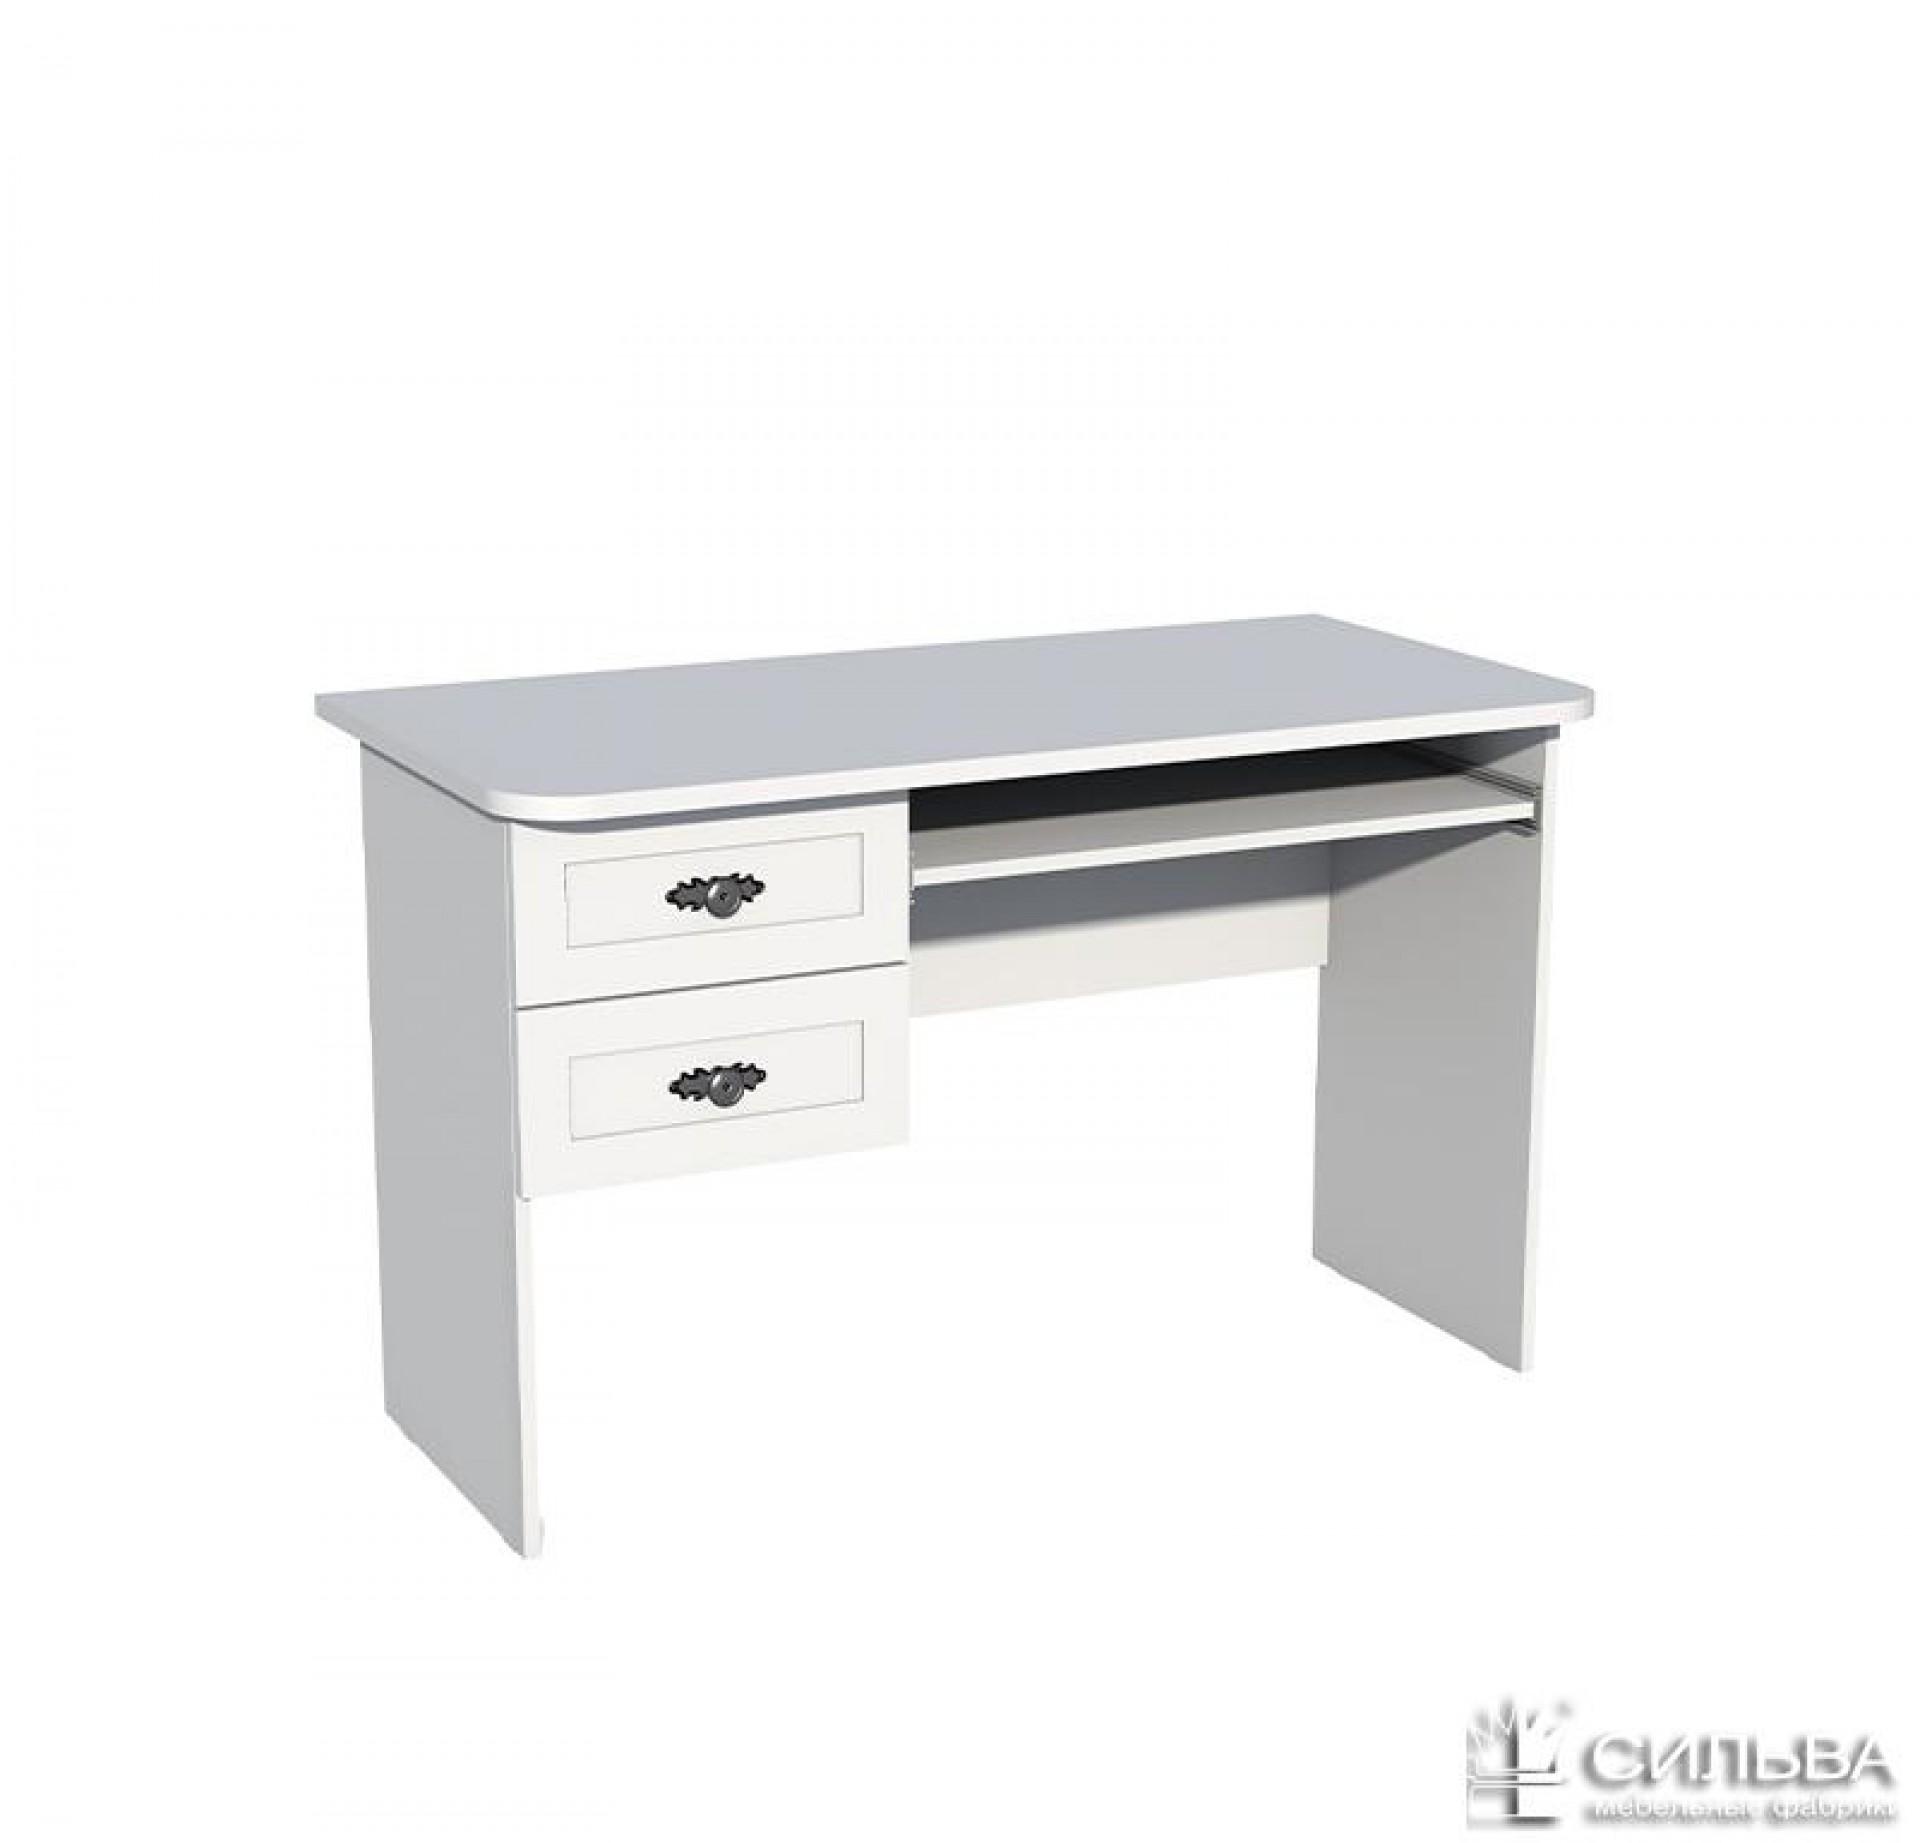 Стол для компьютера «Прованс» НМ 009.19-02